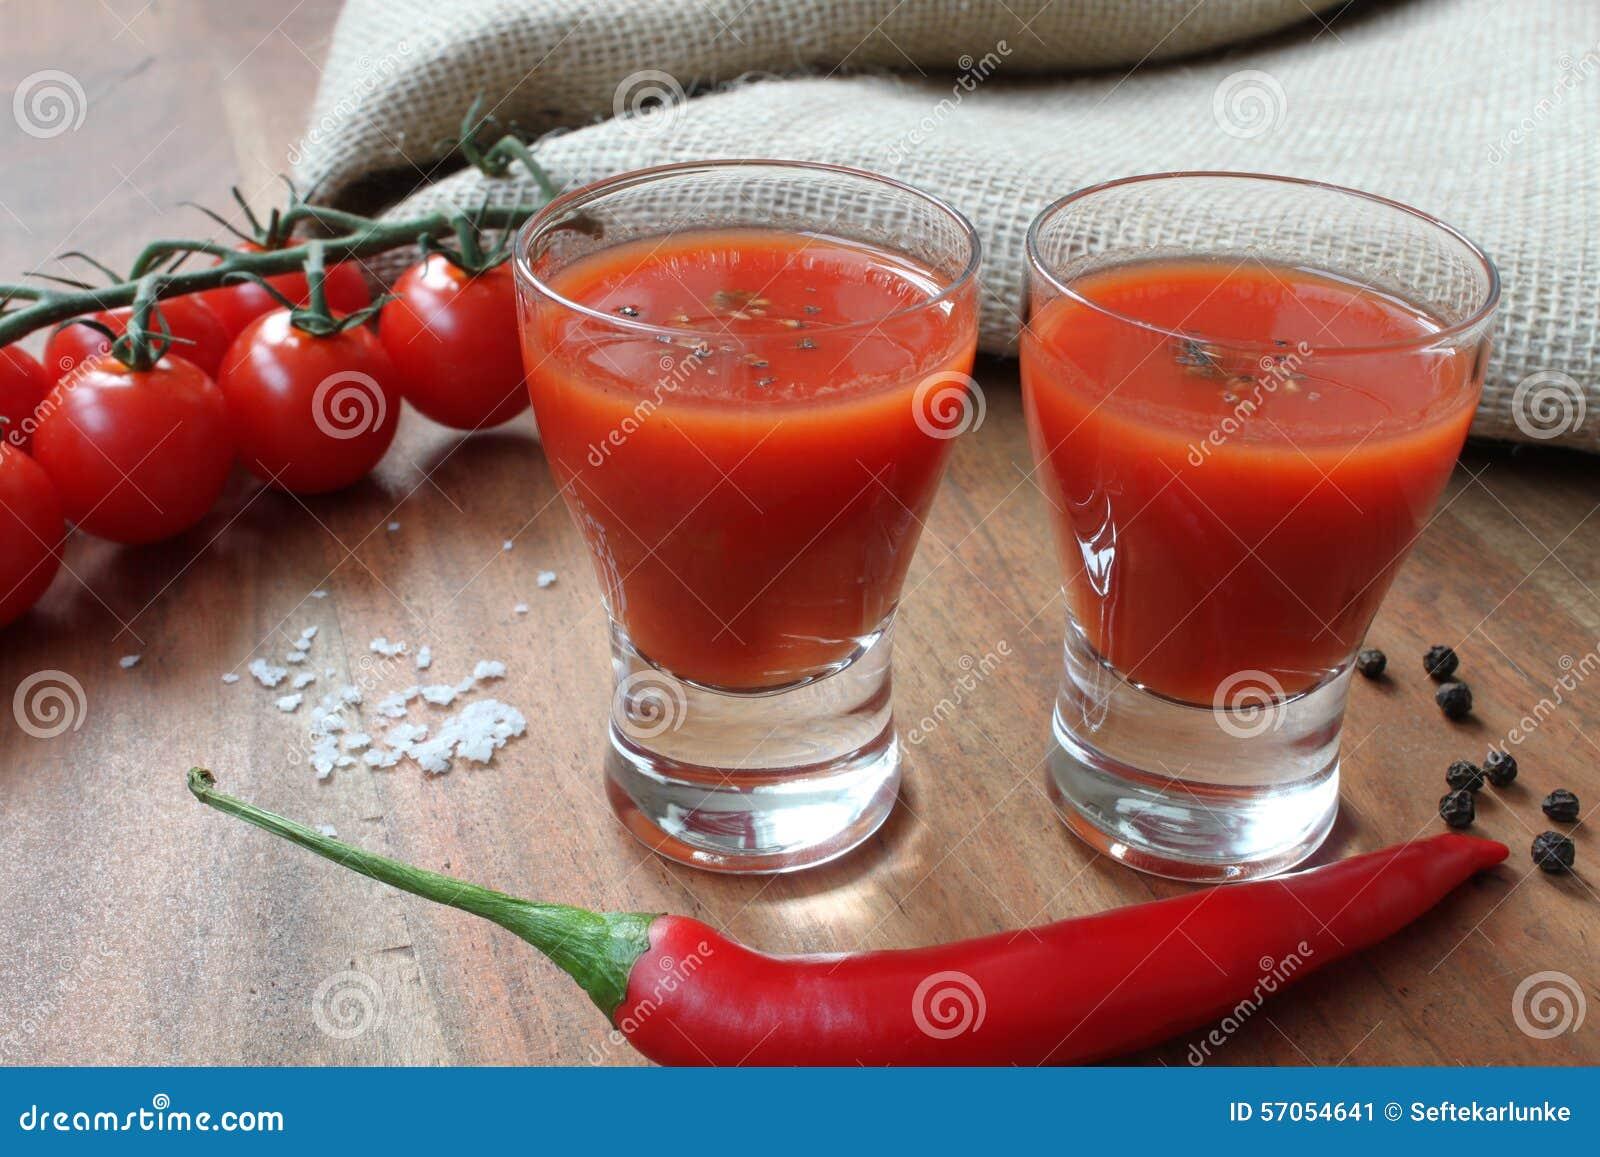 Mexicanen - drank met tomaten en kruiden zoals Spaanse pepers